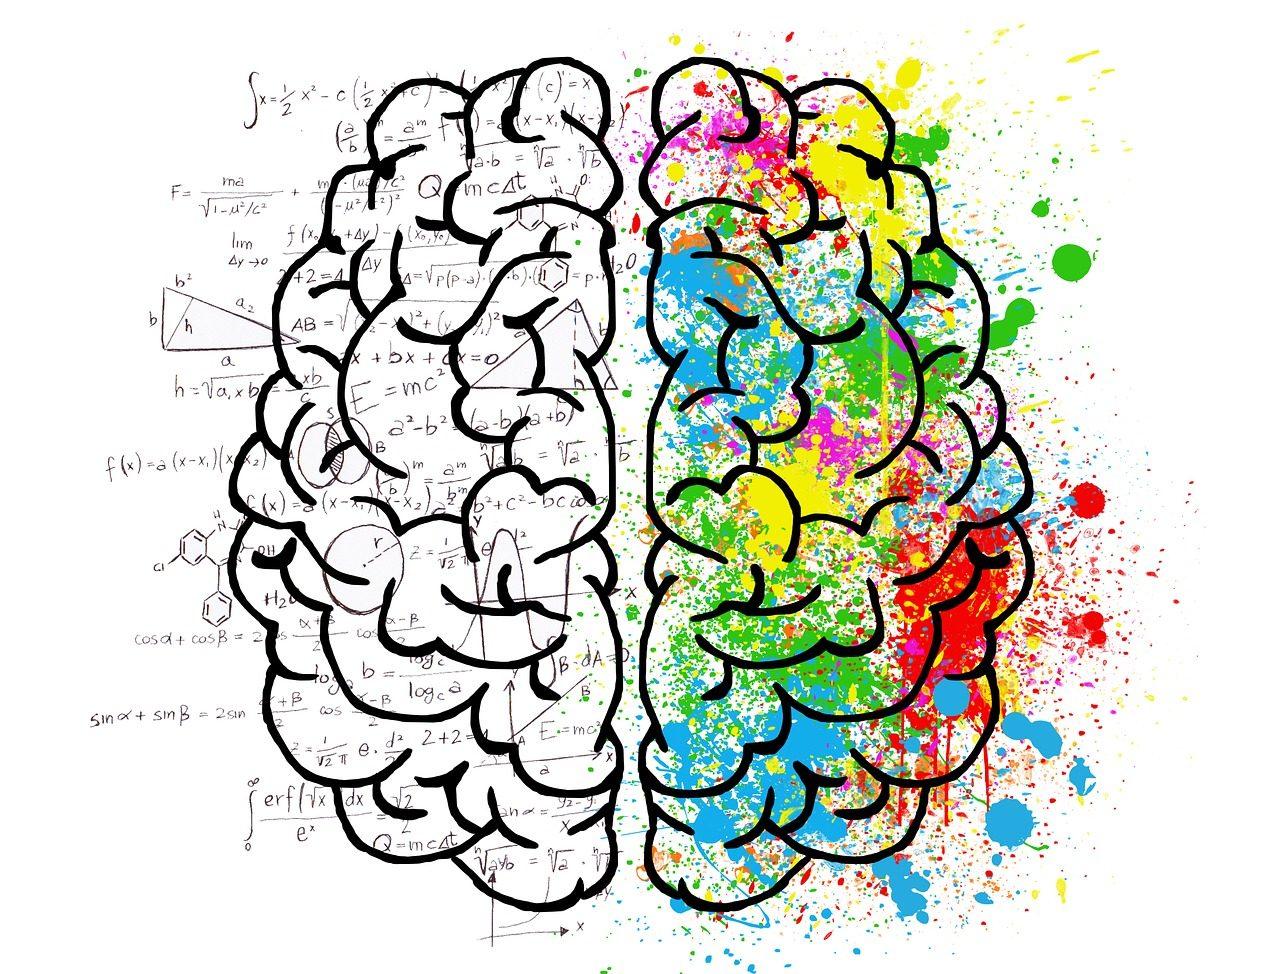 brain-2062057_1280-1280x974.jpg